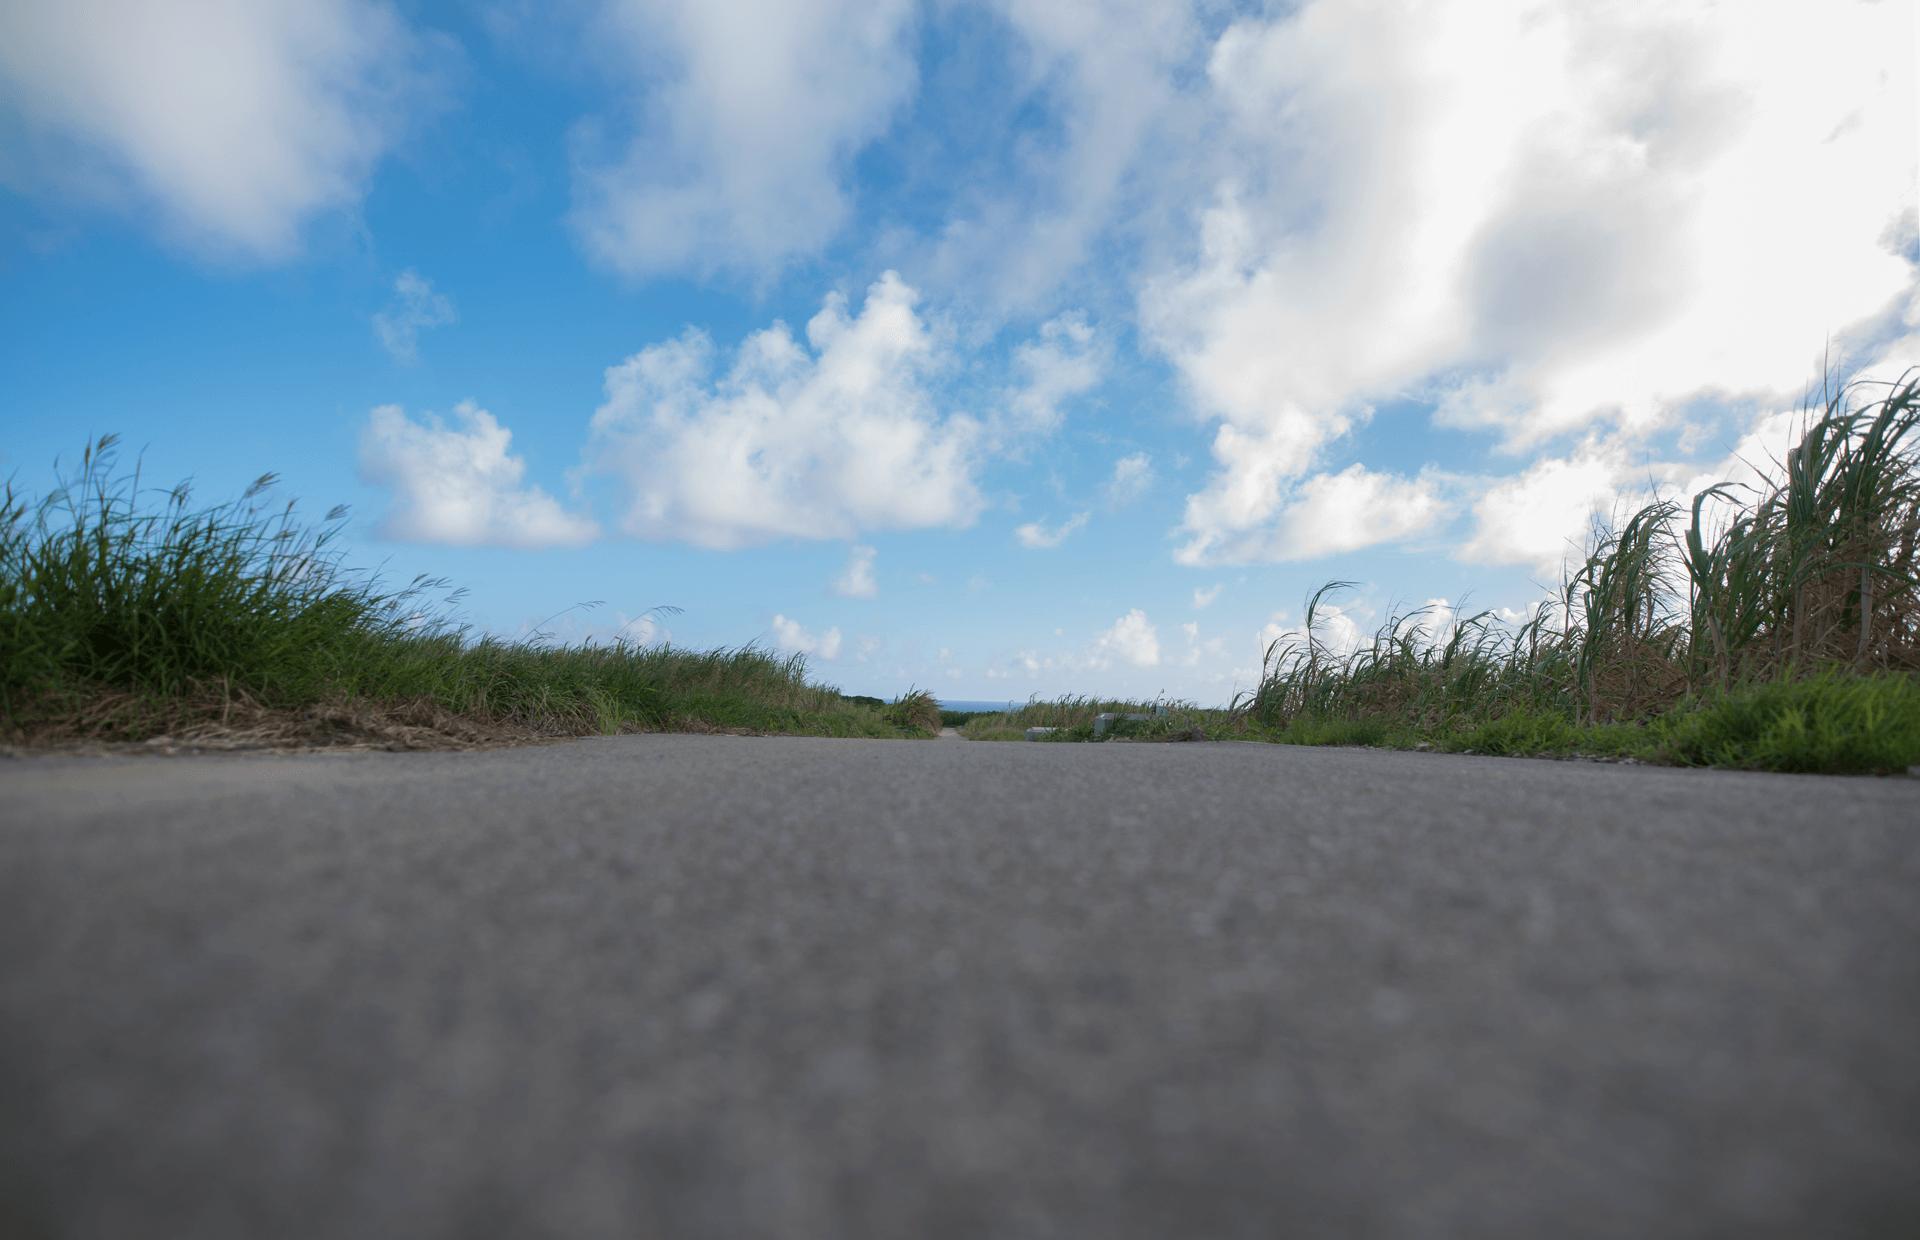 一眼レフカメラを地面に置いて撮影した畑道の写真